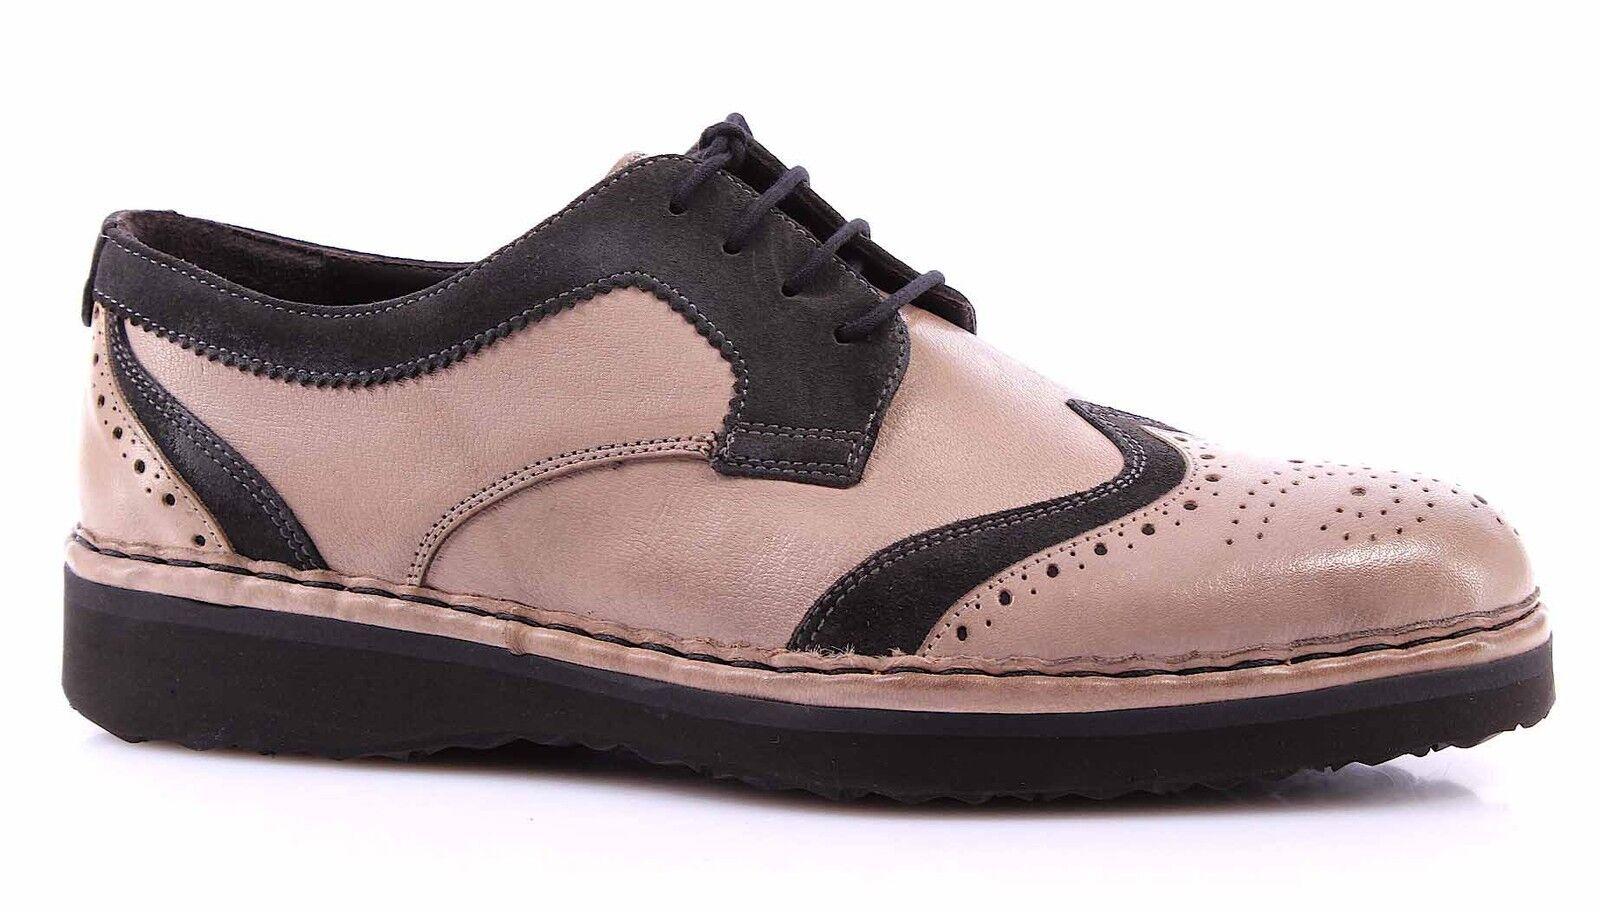 Herren Schuhe GALIZIO GALIZIO GALIZIO TORRESI 610536 Buf Fri Grigio SG Leder Turteltaube eec729